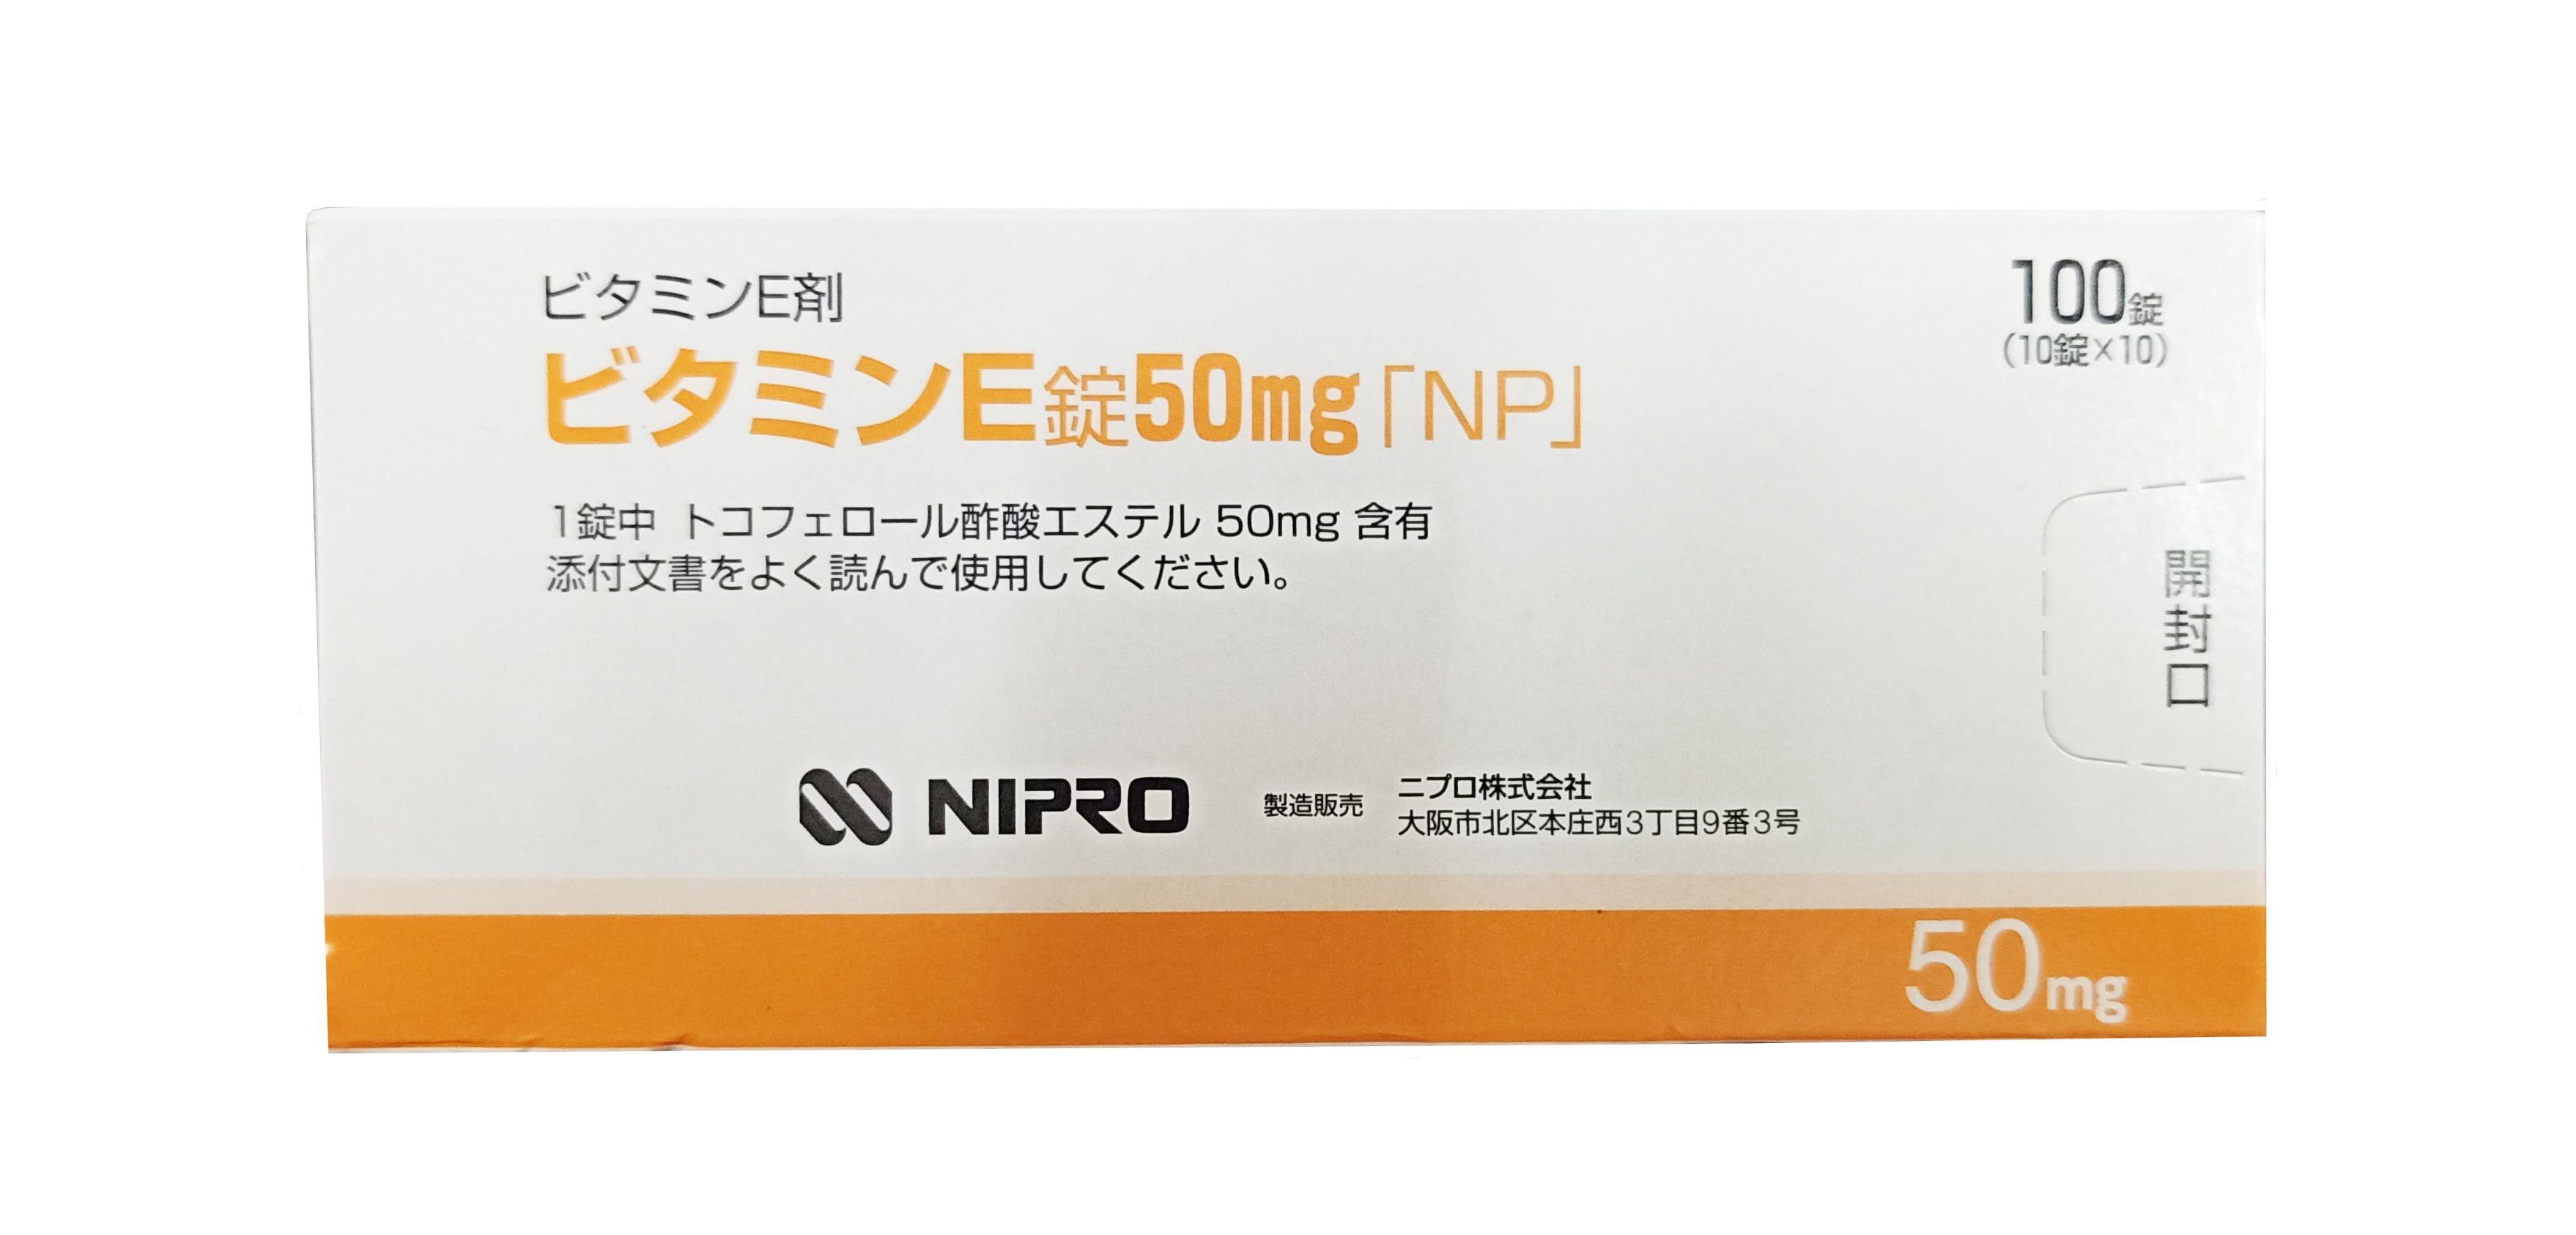 Vitamin E Nipro 50mg Chính Hãng Của Nhật Bản